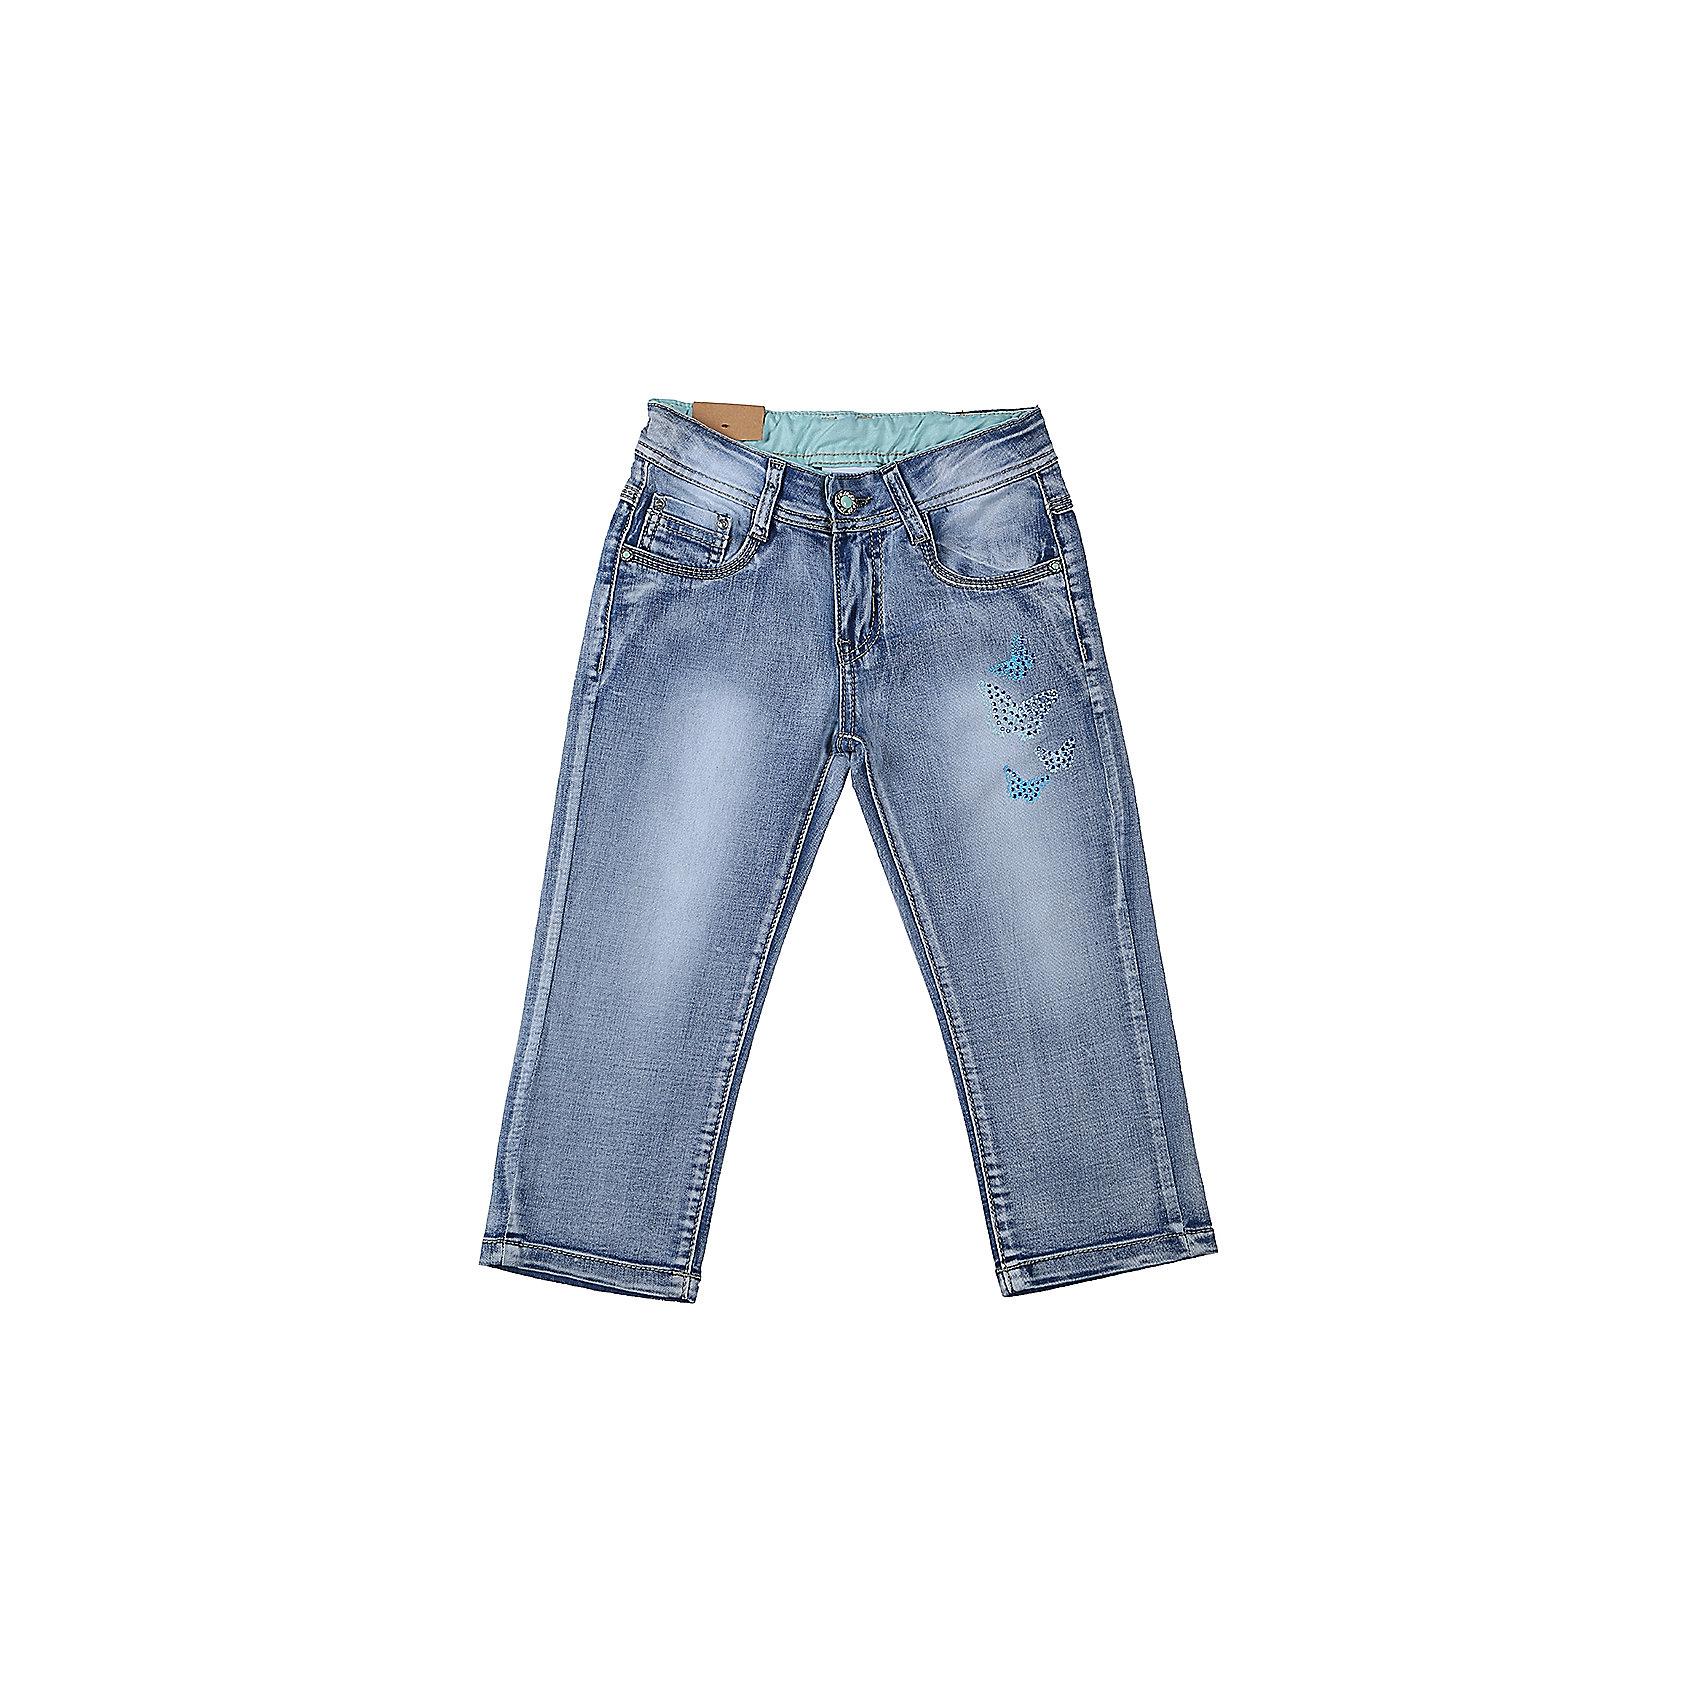 Бриджи джинсовые для девочки LuminosoДжинсовая одежда<br>Джинсовые бриджи для девочки с оригинальной варкой. Декорированые стразами и принтом. Застегиваются на молнию и пуговицу. Имеют зауженный крой, среднюю посадку. Шлевки на поясе рассчитаны под ремень. В боковой части пояса находятся вшитые эластичные ленты, регулирующие посадку по талии.<br>Состав:<br>98%хлопок 2%эластан<br><br>Ширина мм: 191<br>Глубина мм: 10<br>Высота мм: 175<br>Вес г: 273<br>Цвет: синий<br>Возраст от месяцев: 108<br>Возраст до месяцев: 120<br>Пол: Женский<br>Возраст: Детский<br>Размер: 140,134,164,158,152,146<br>SKU: 5413115